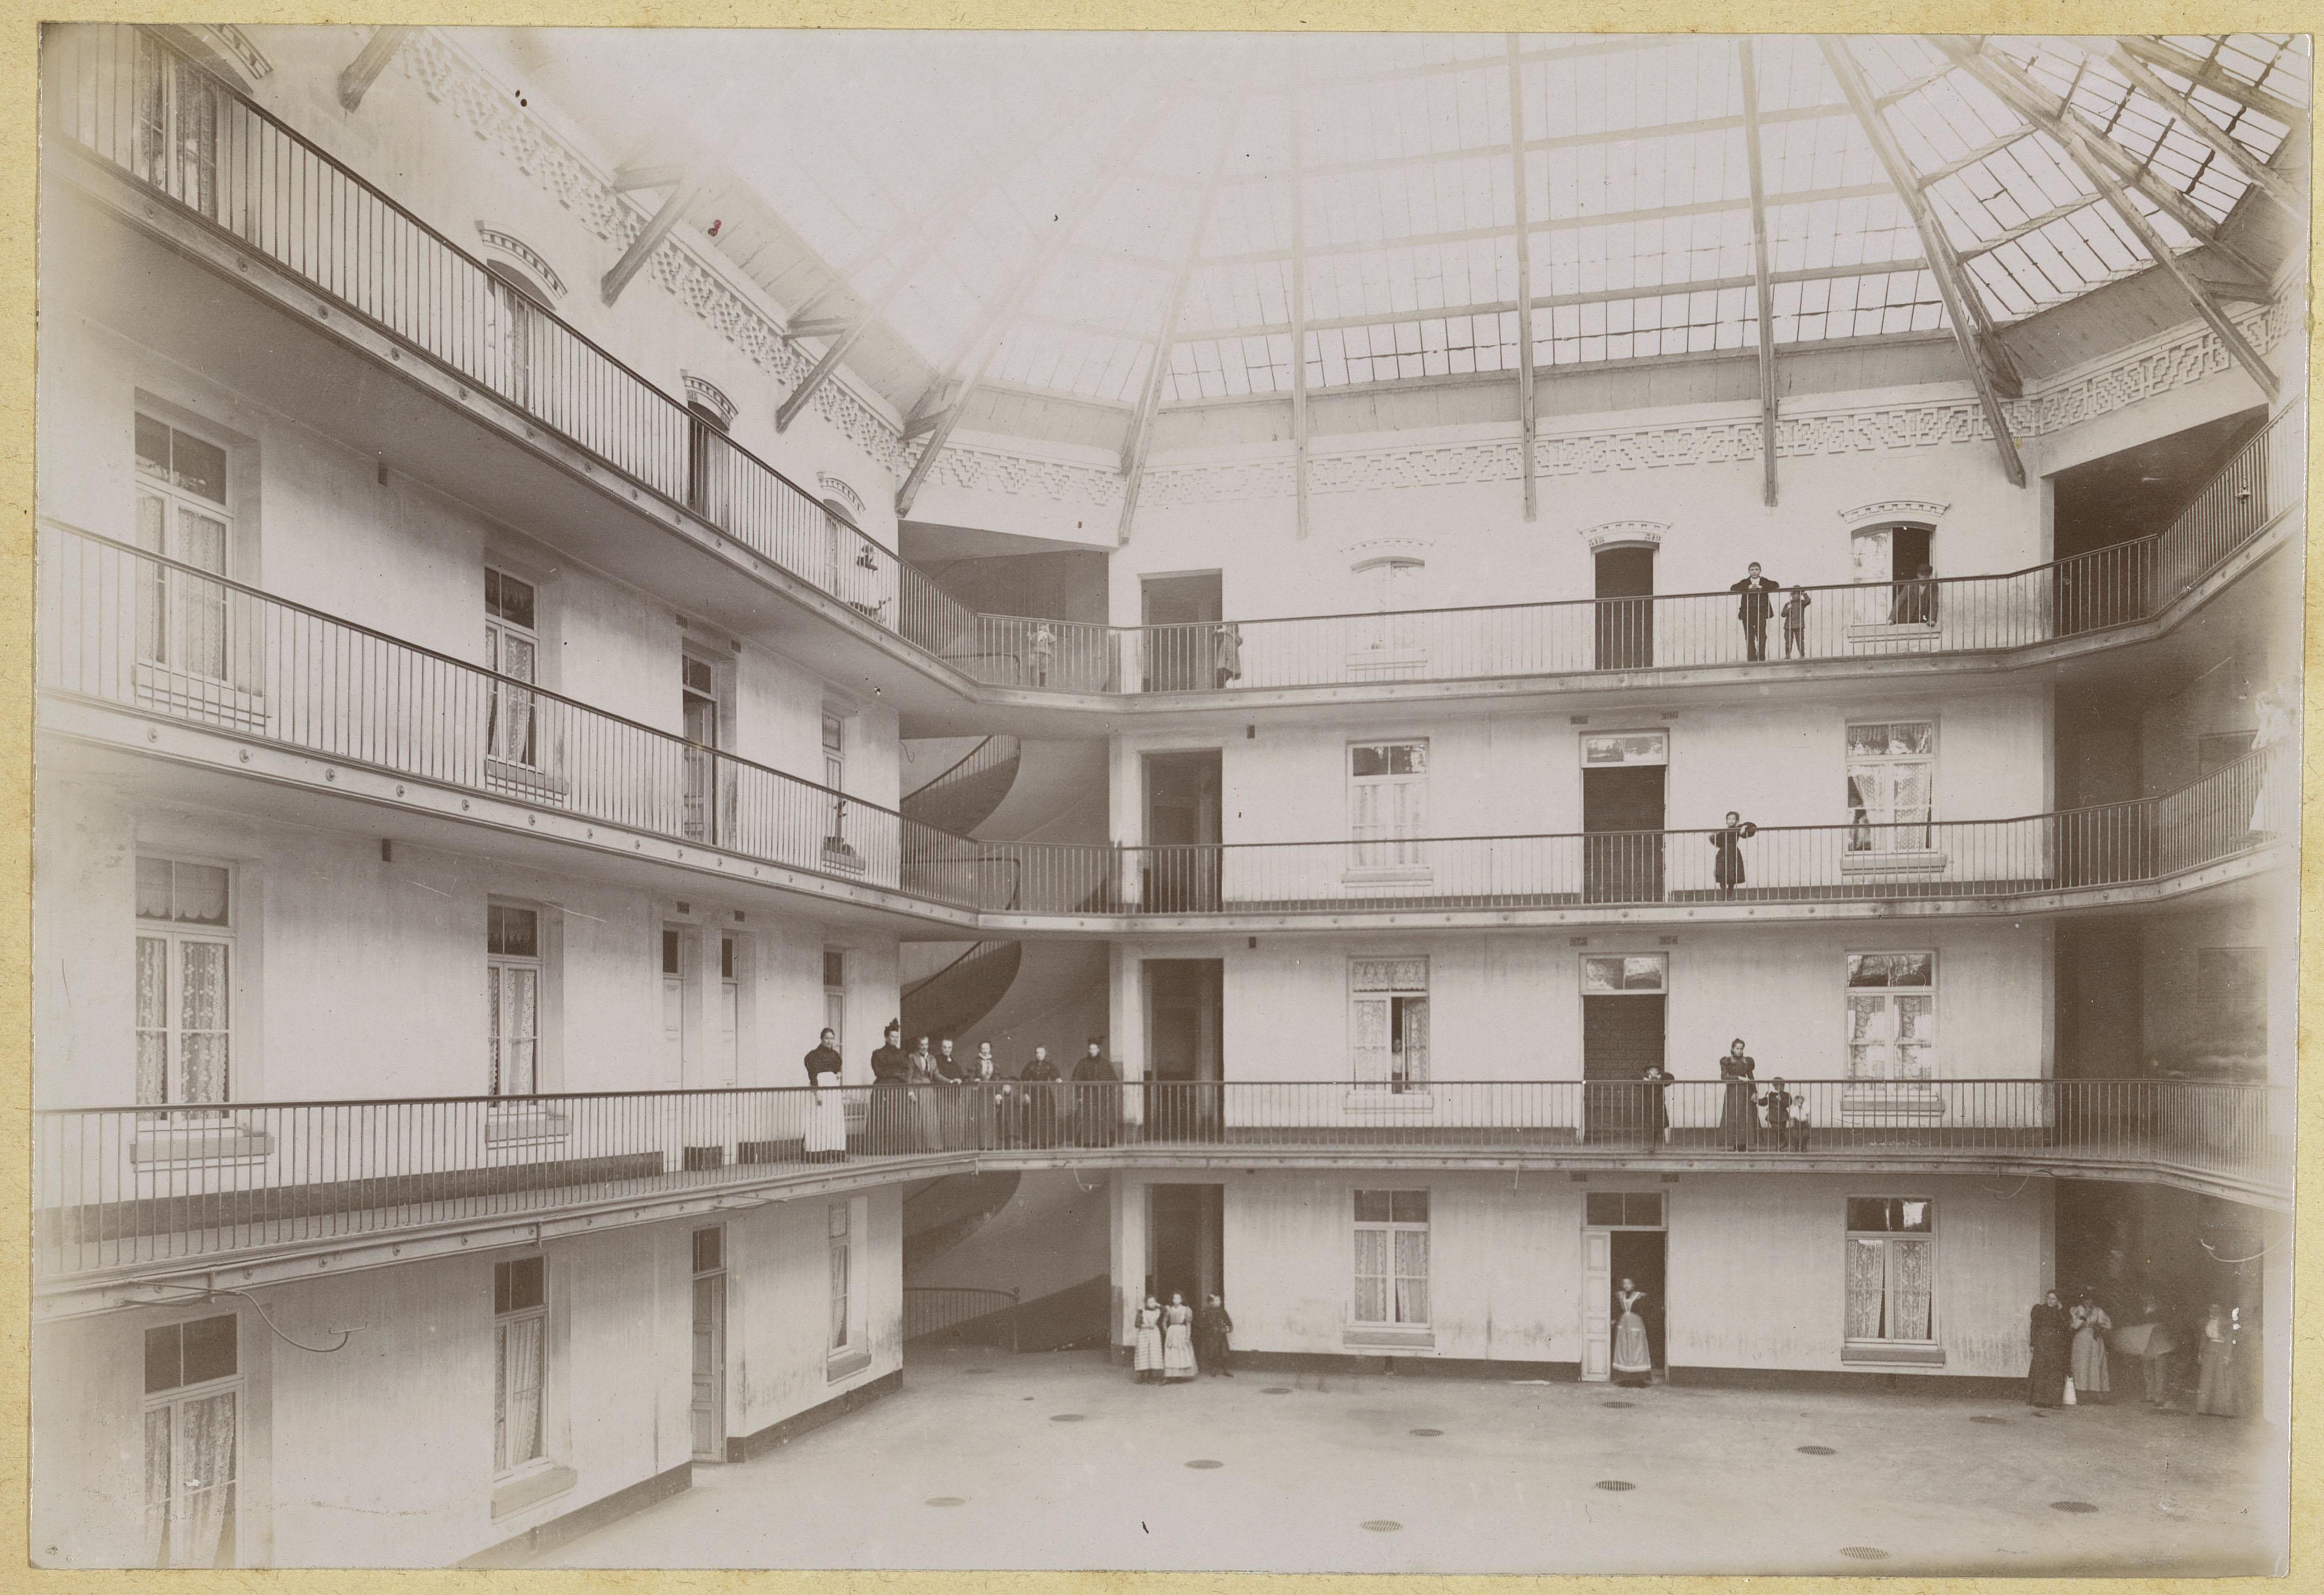 La photographie représente l'intérieur de la cour de l'aile droite du Familistèr